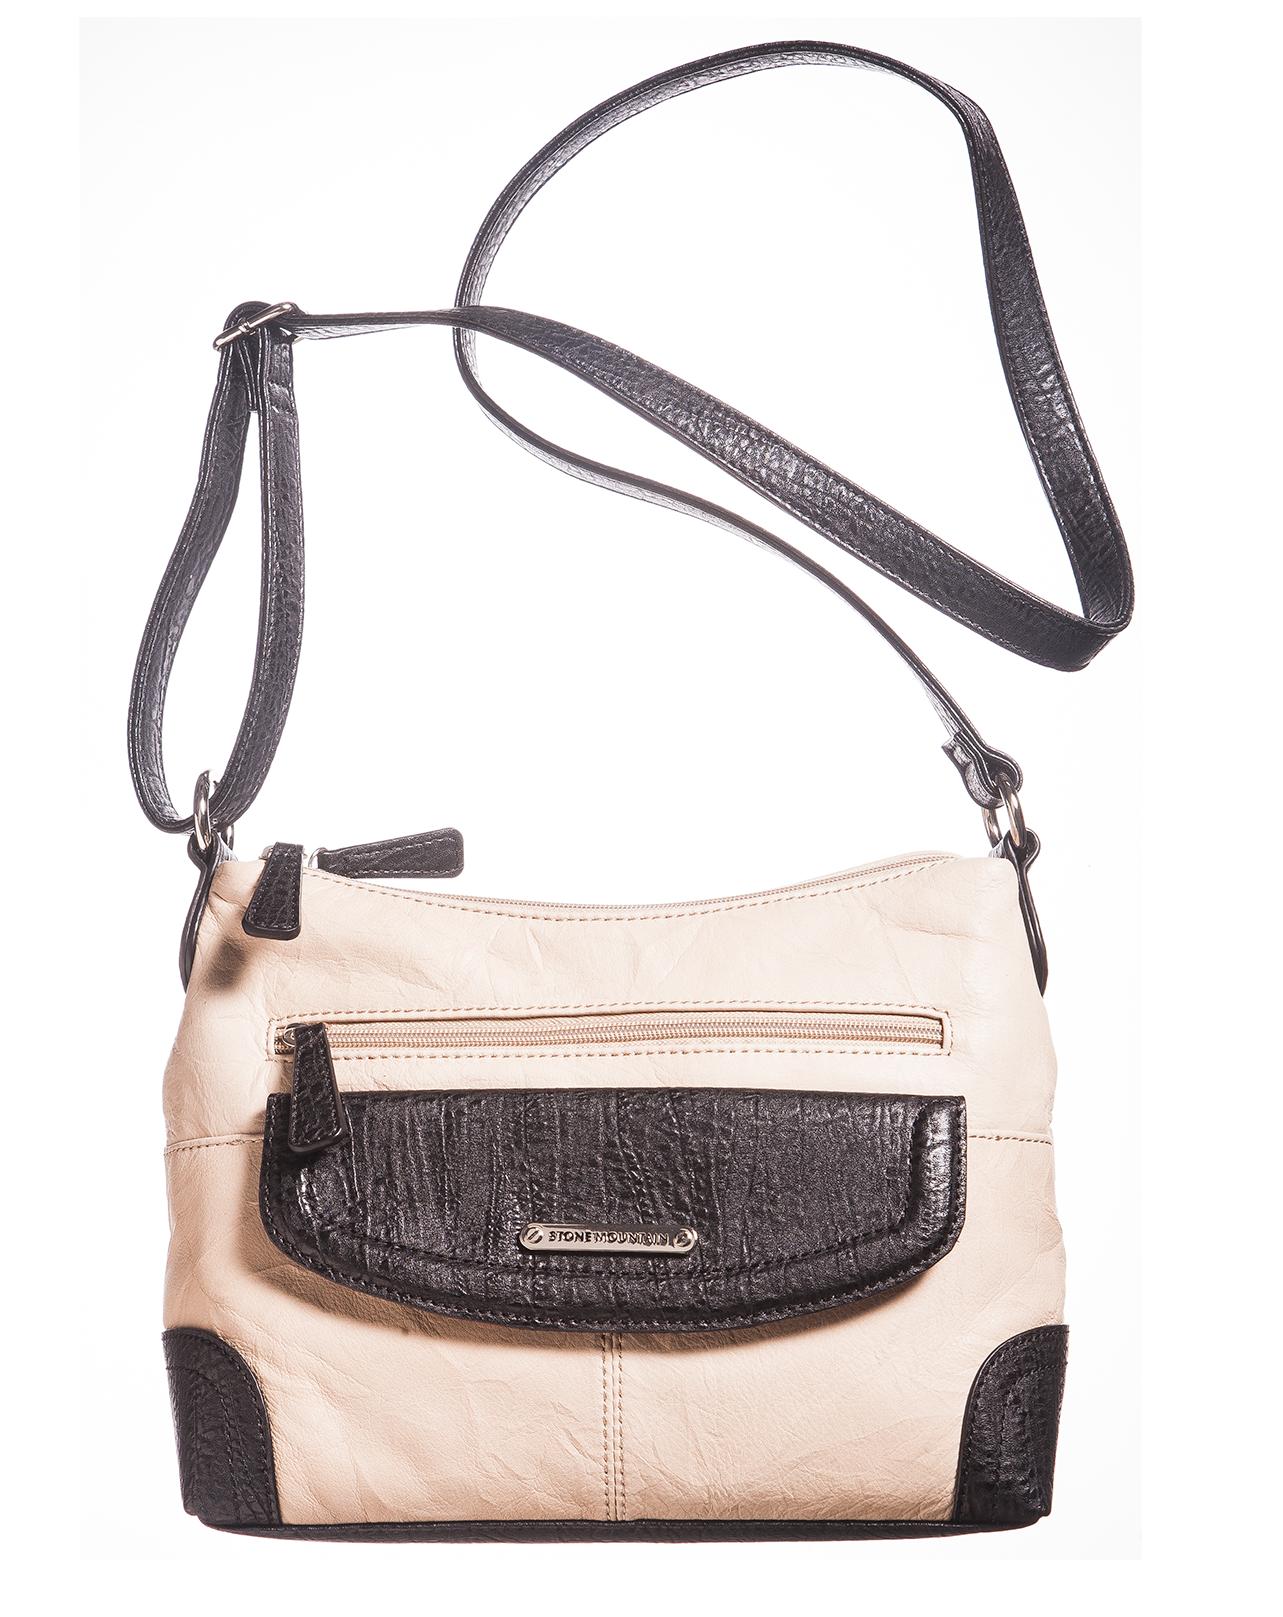 Willow Hobo Bag